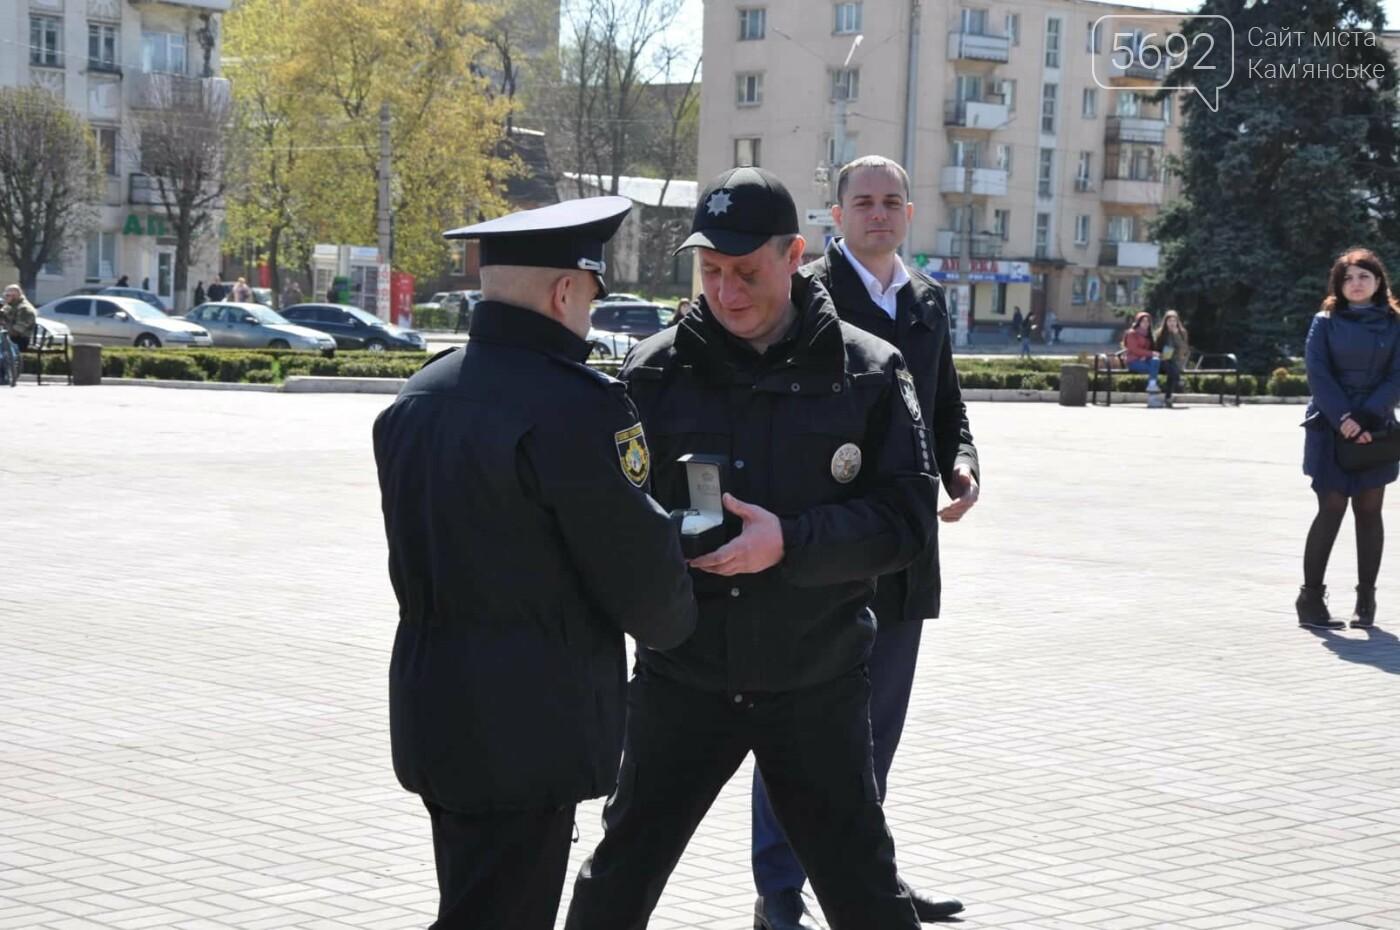 В Каменском наградили полицейских, задержавших опасного преступника, фото-5